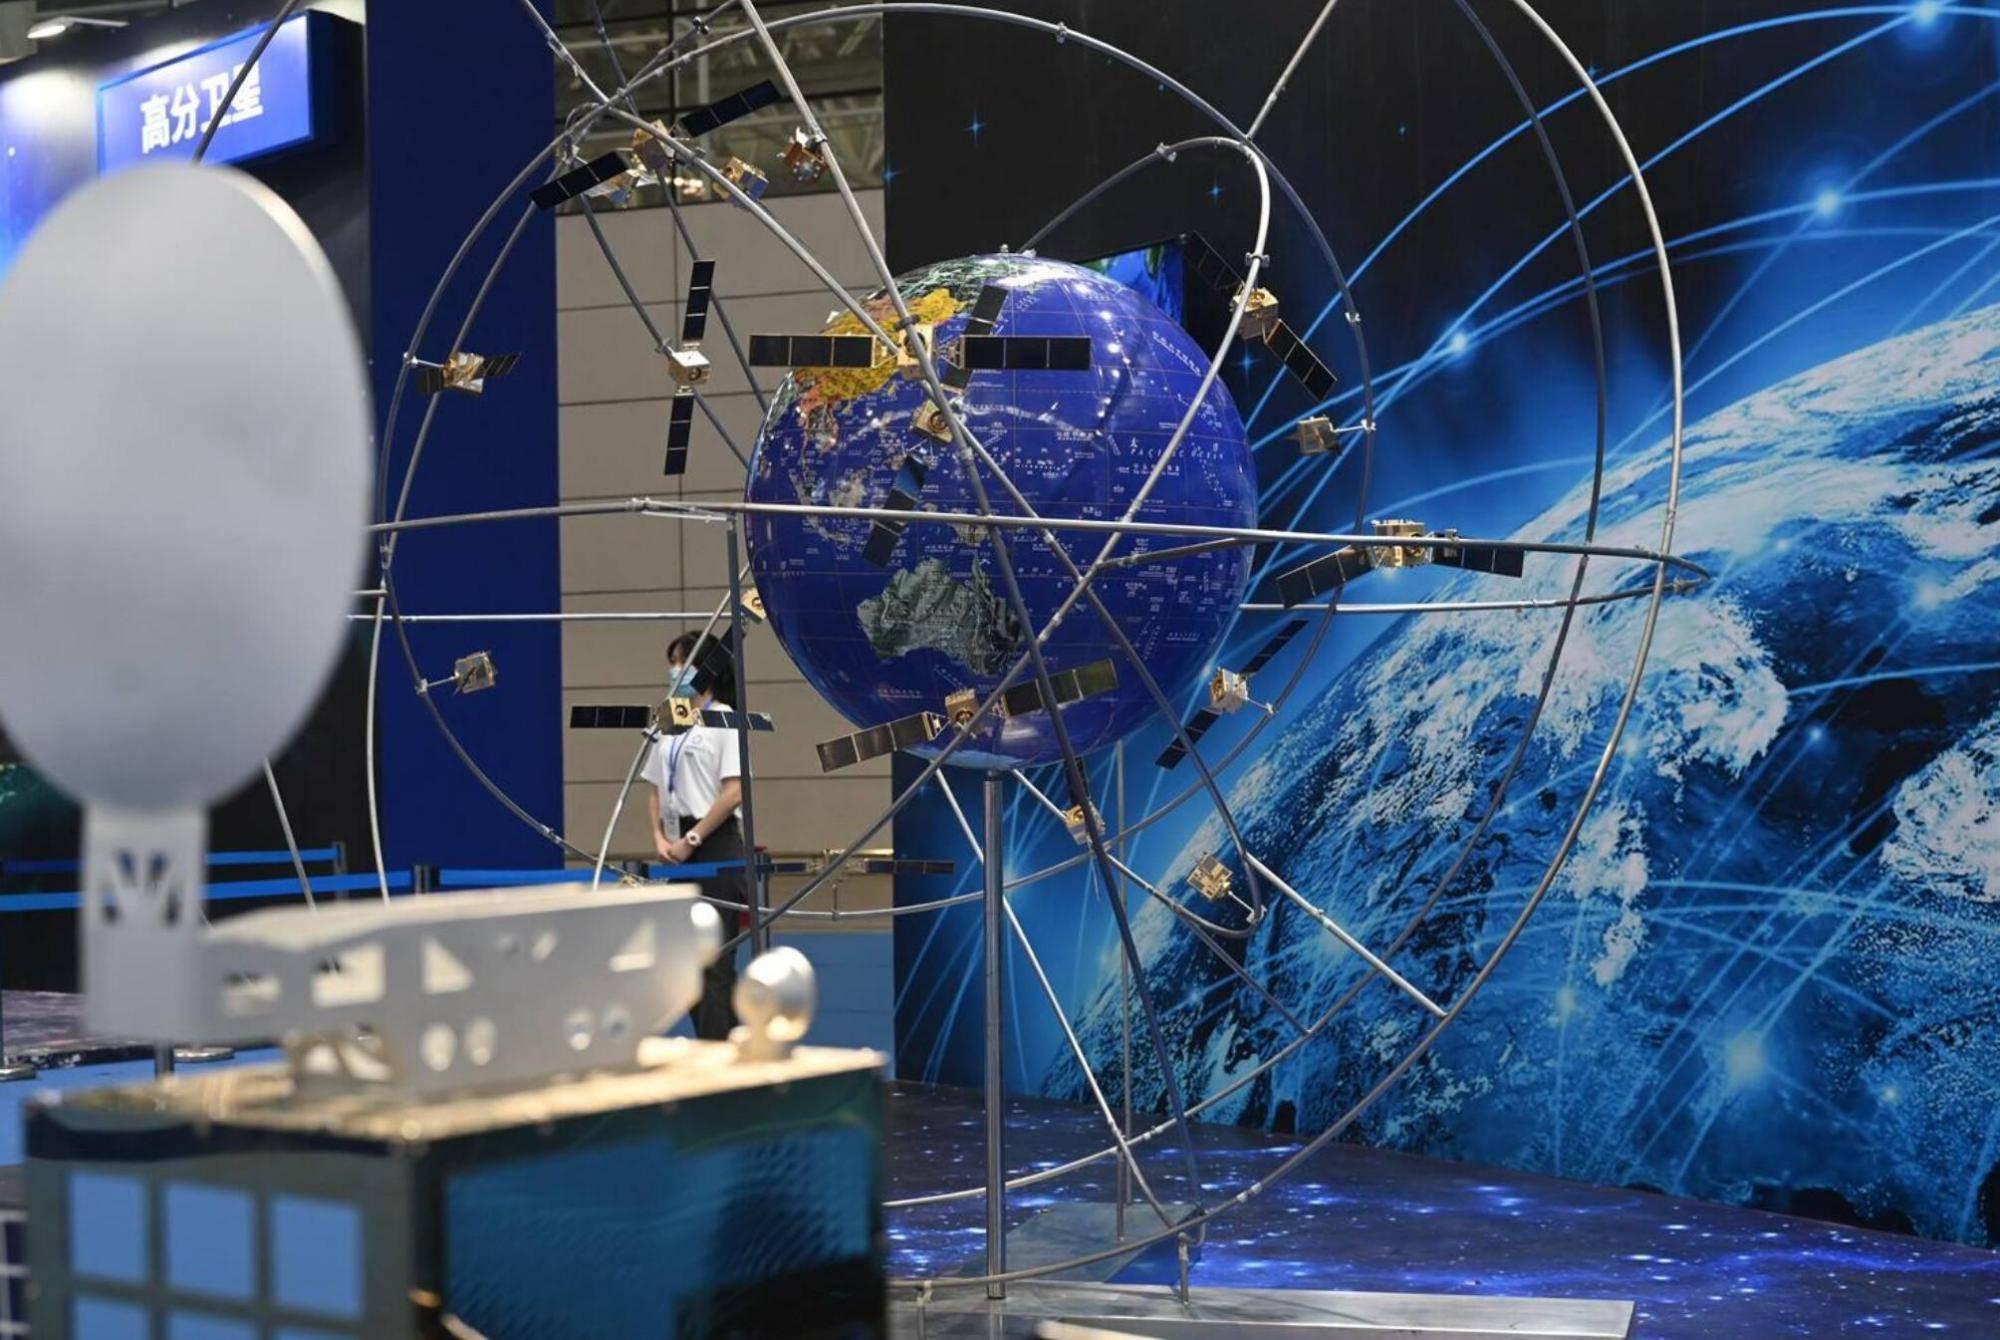 北斗性能数量全面占优势,GPS足足少了11颗,进军千亿市场